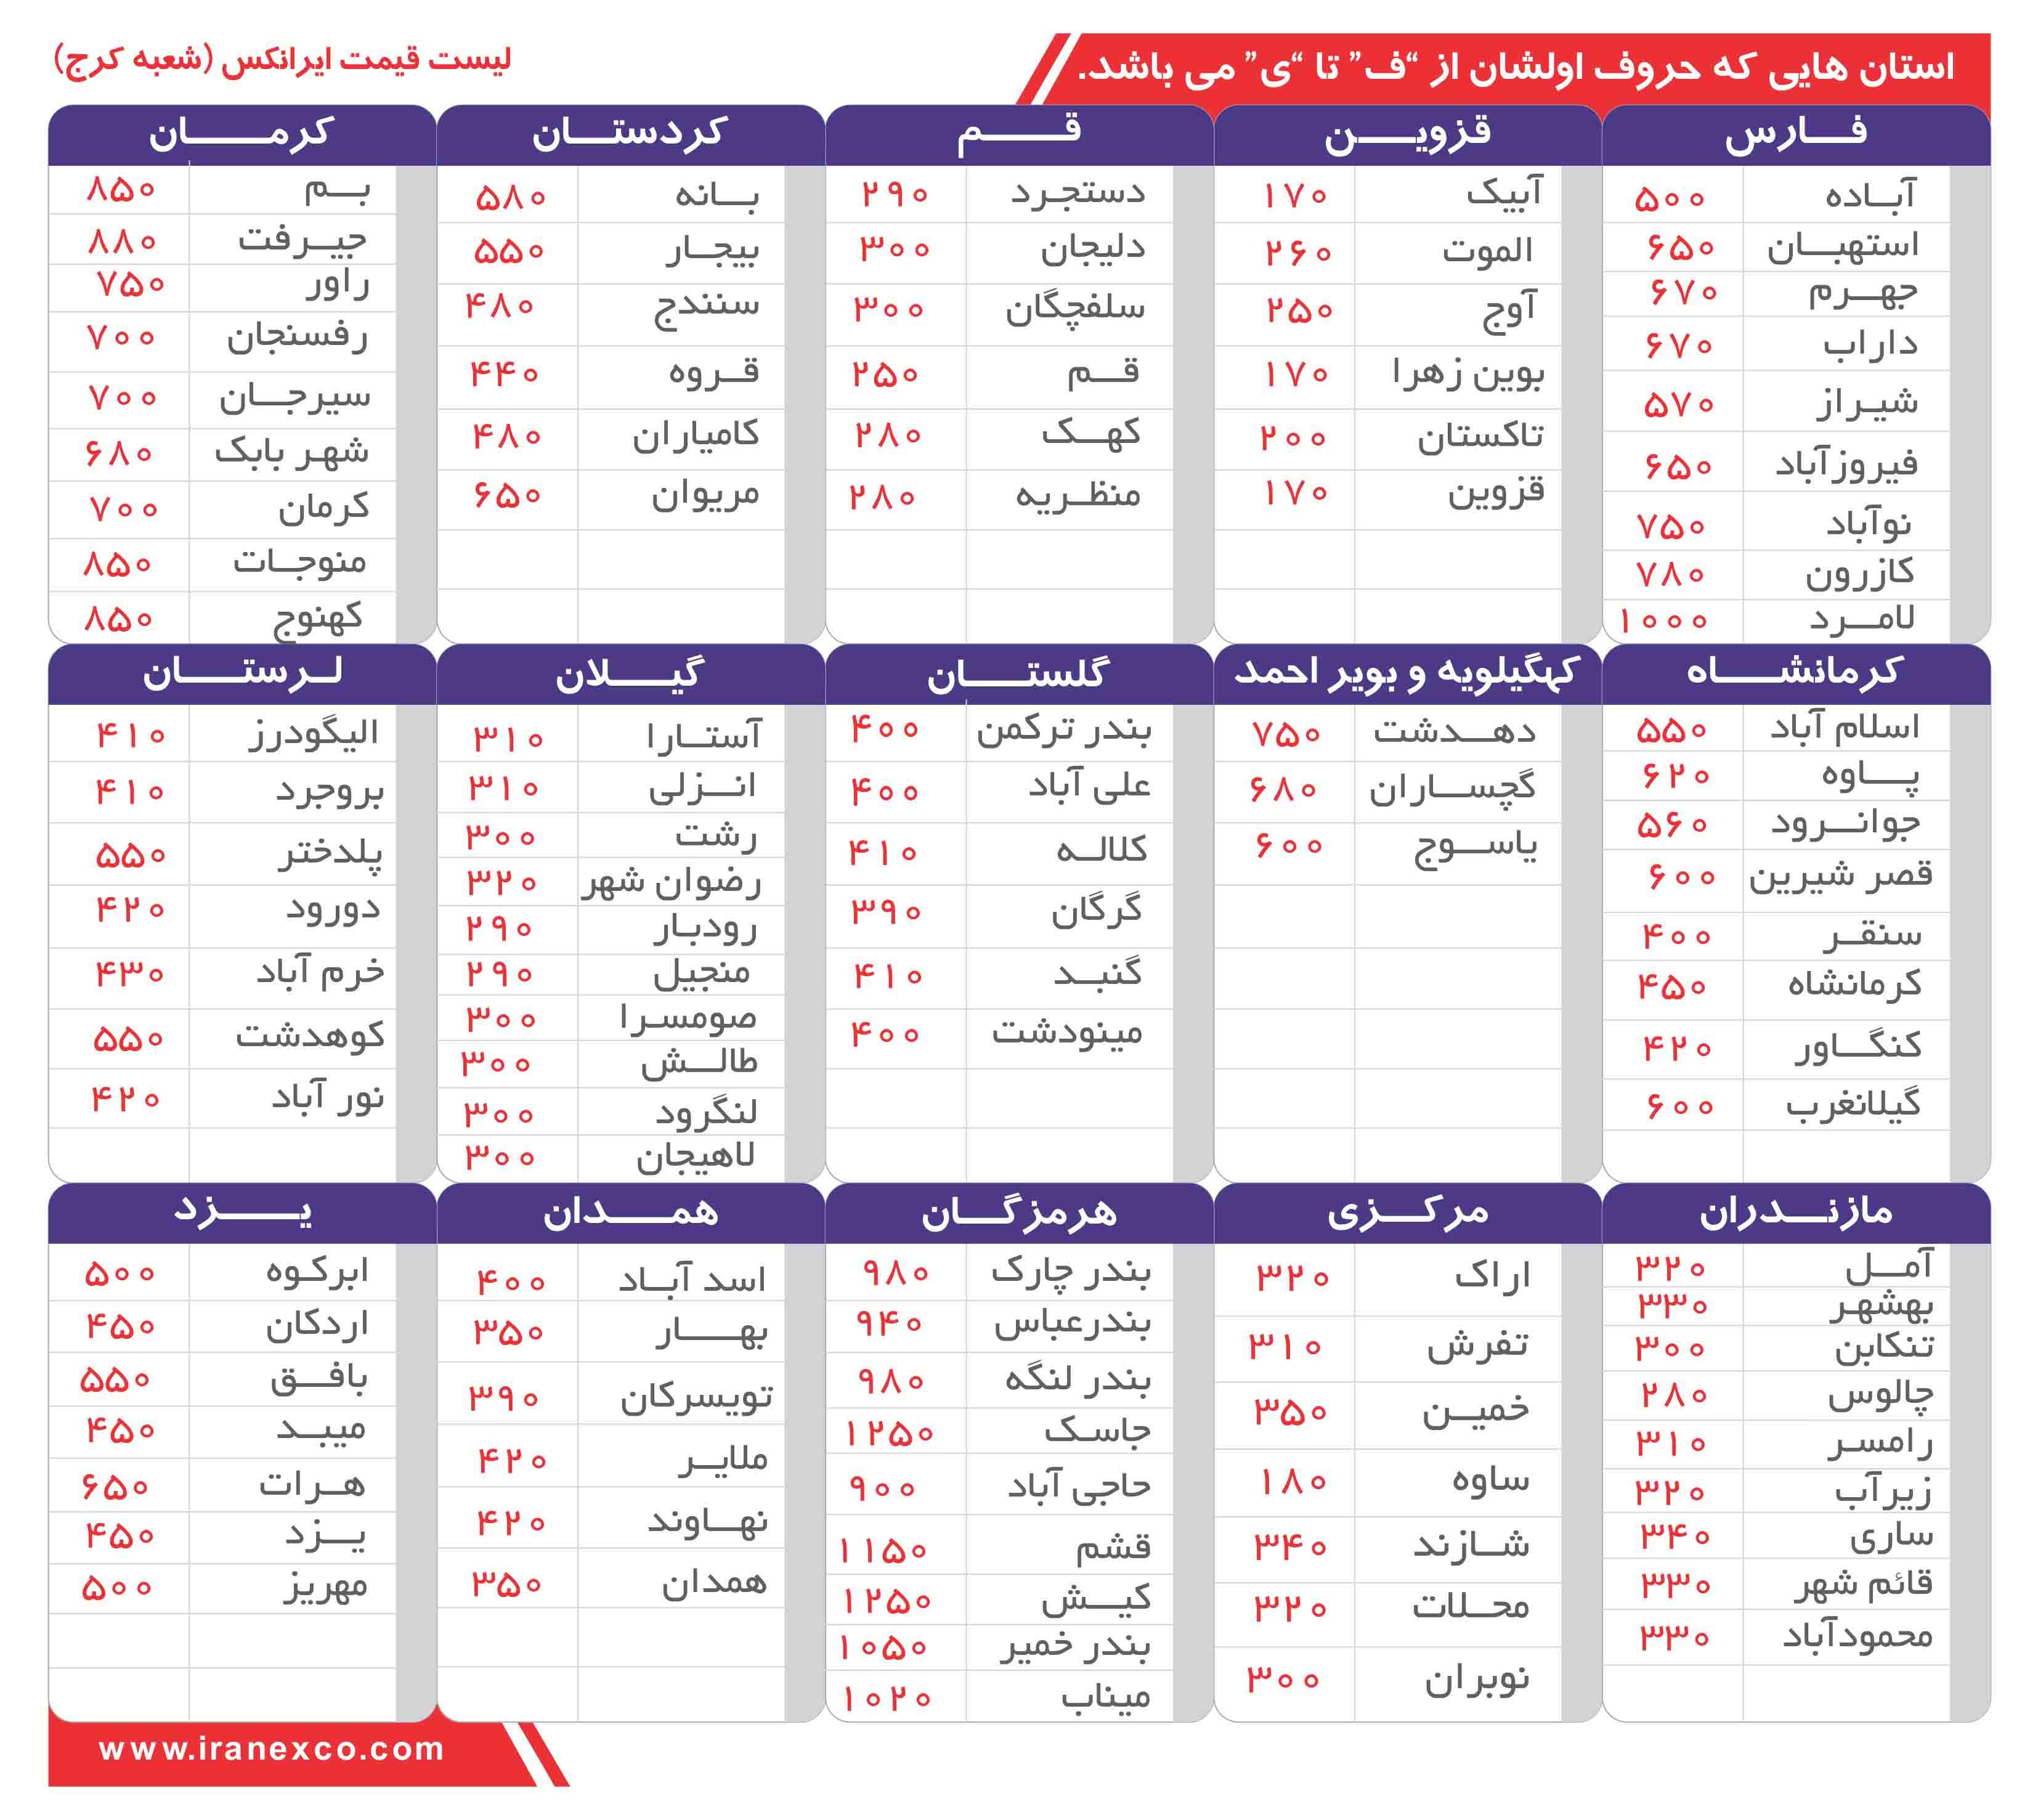 لیست قیمت باربری نیسان کرج 2